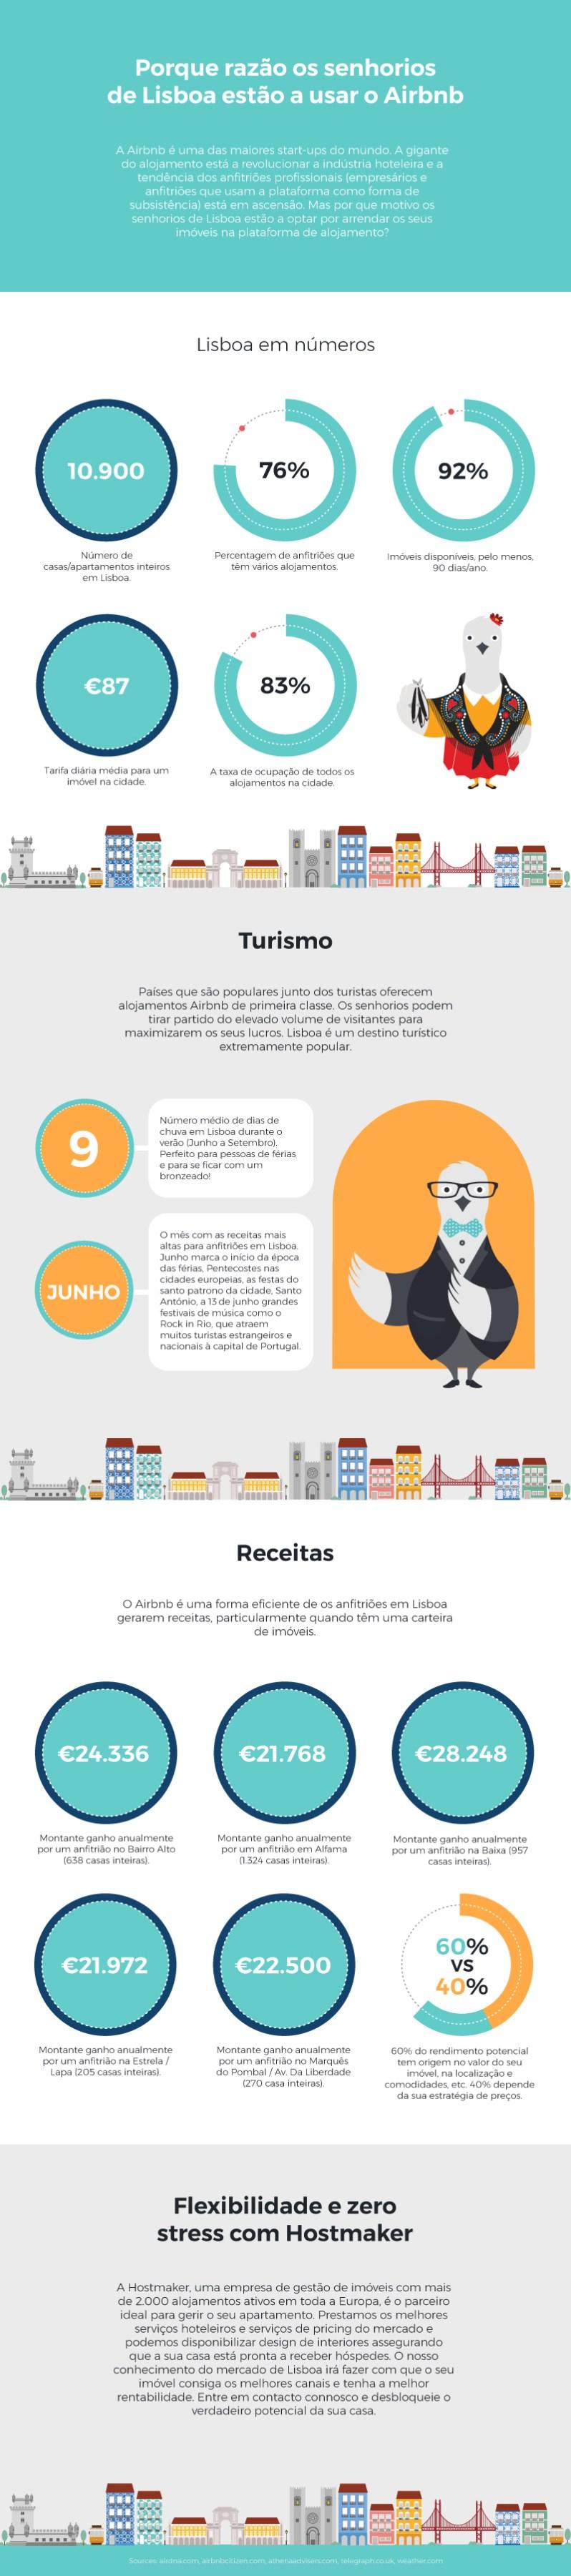 Hostmaker-Infographic-Lisbon-V5.jpg